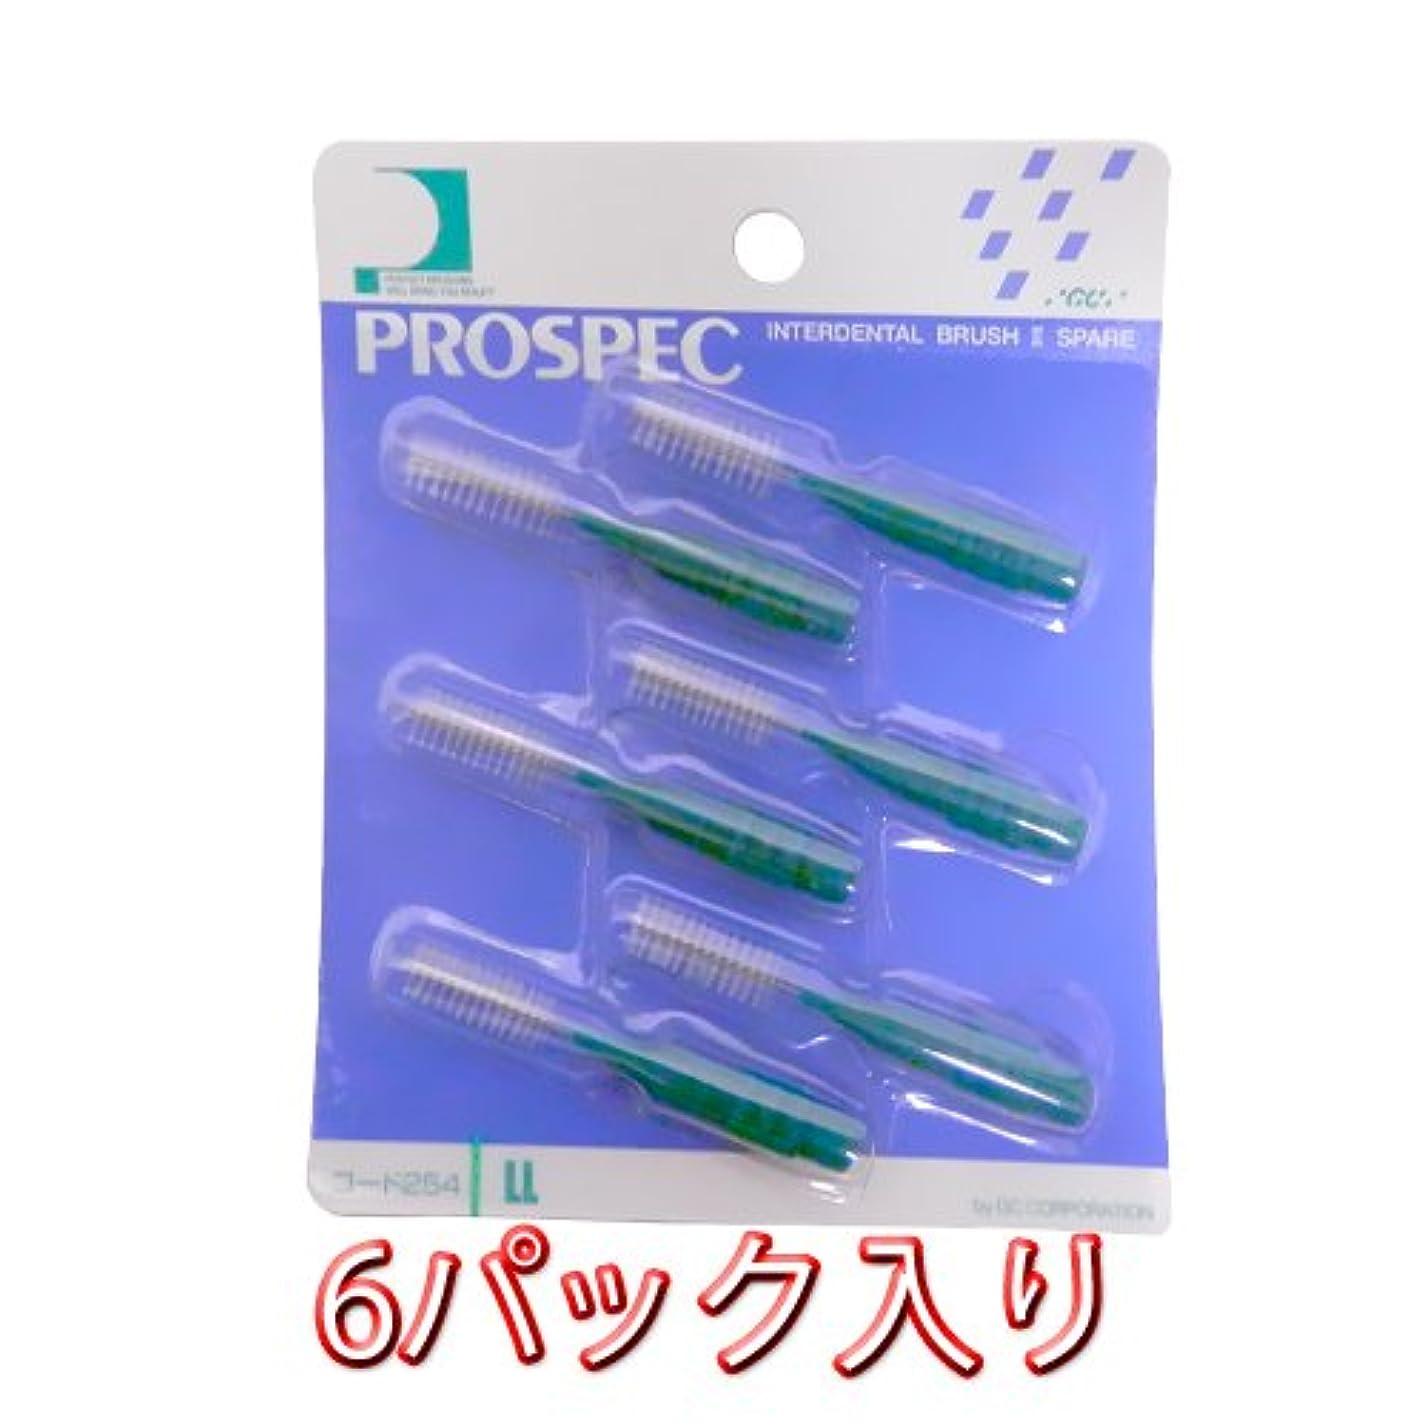 眠いです眠いです速報プロスペック 歯間ブラシ 2スペアー ブラシのみ6本入 × 6パック LL グリーン